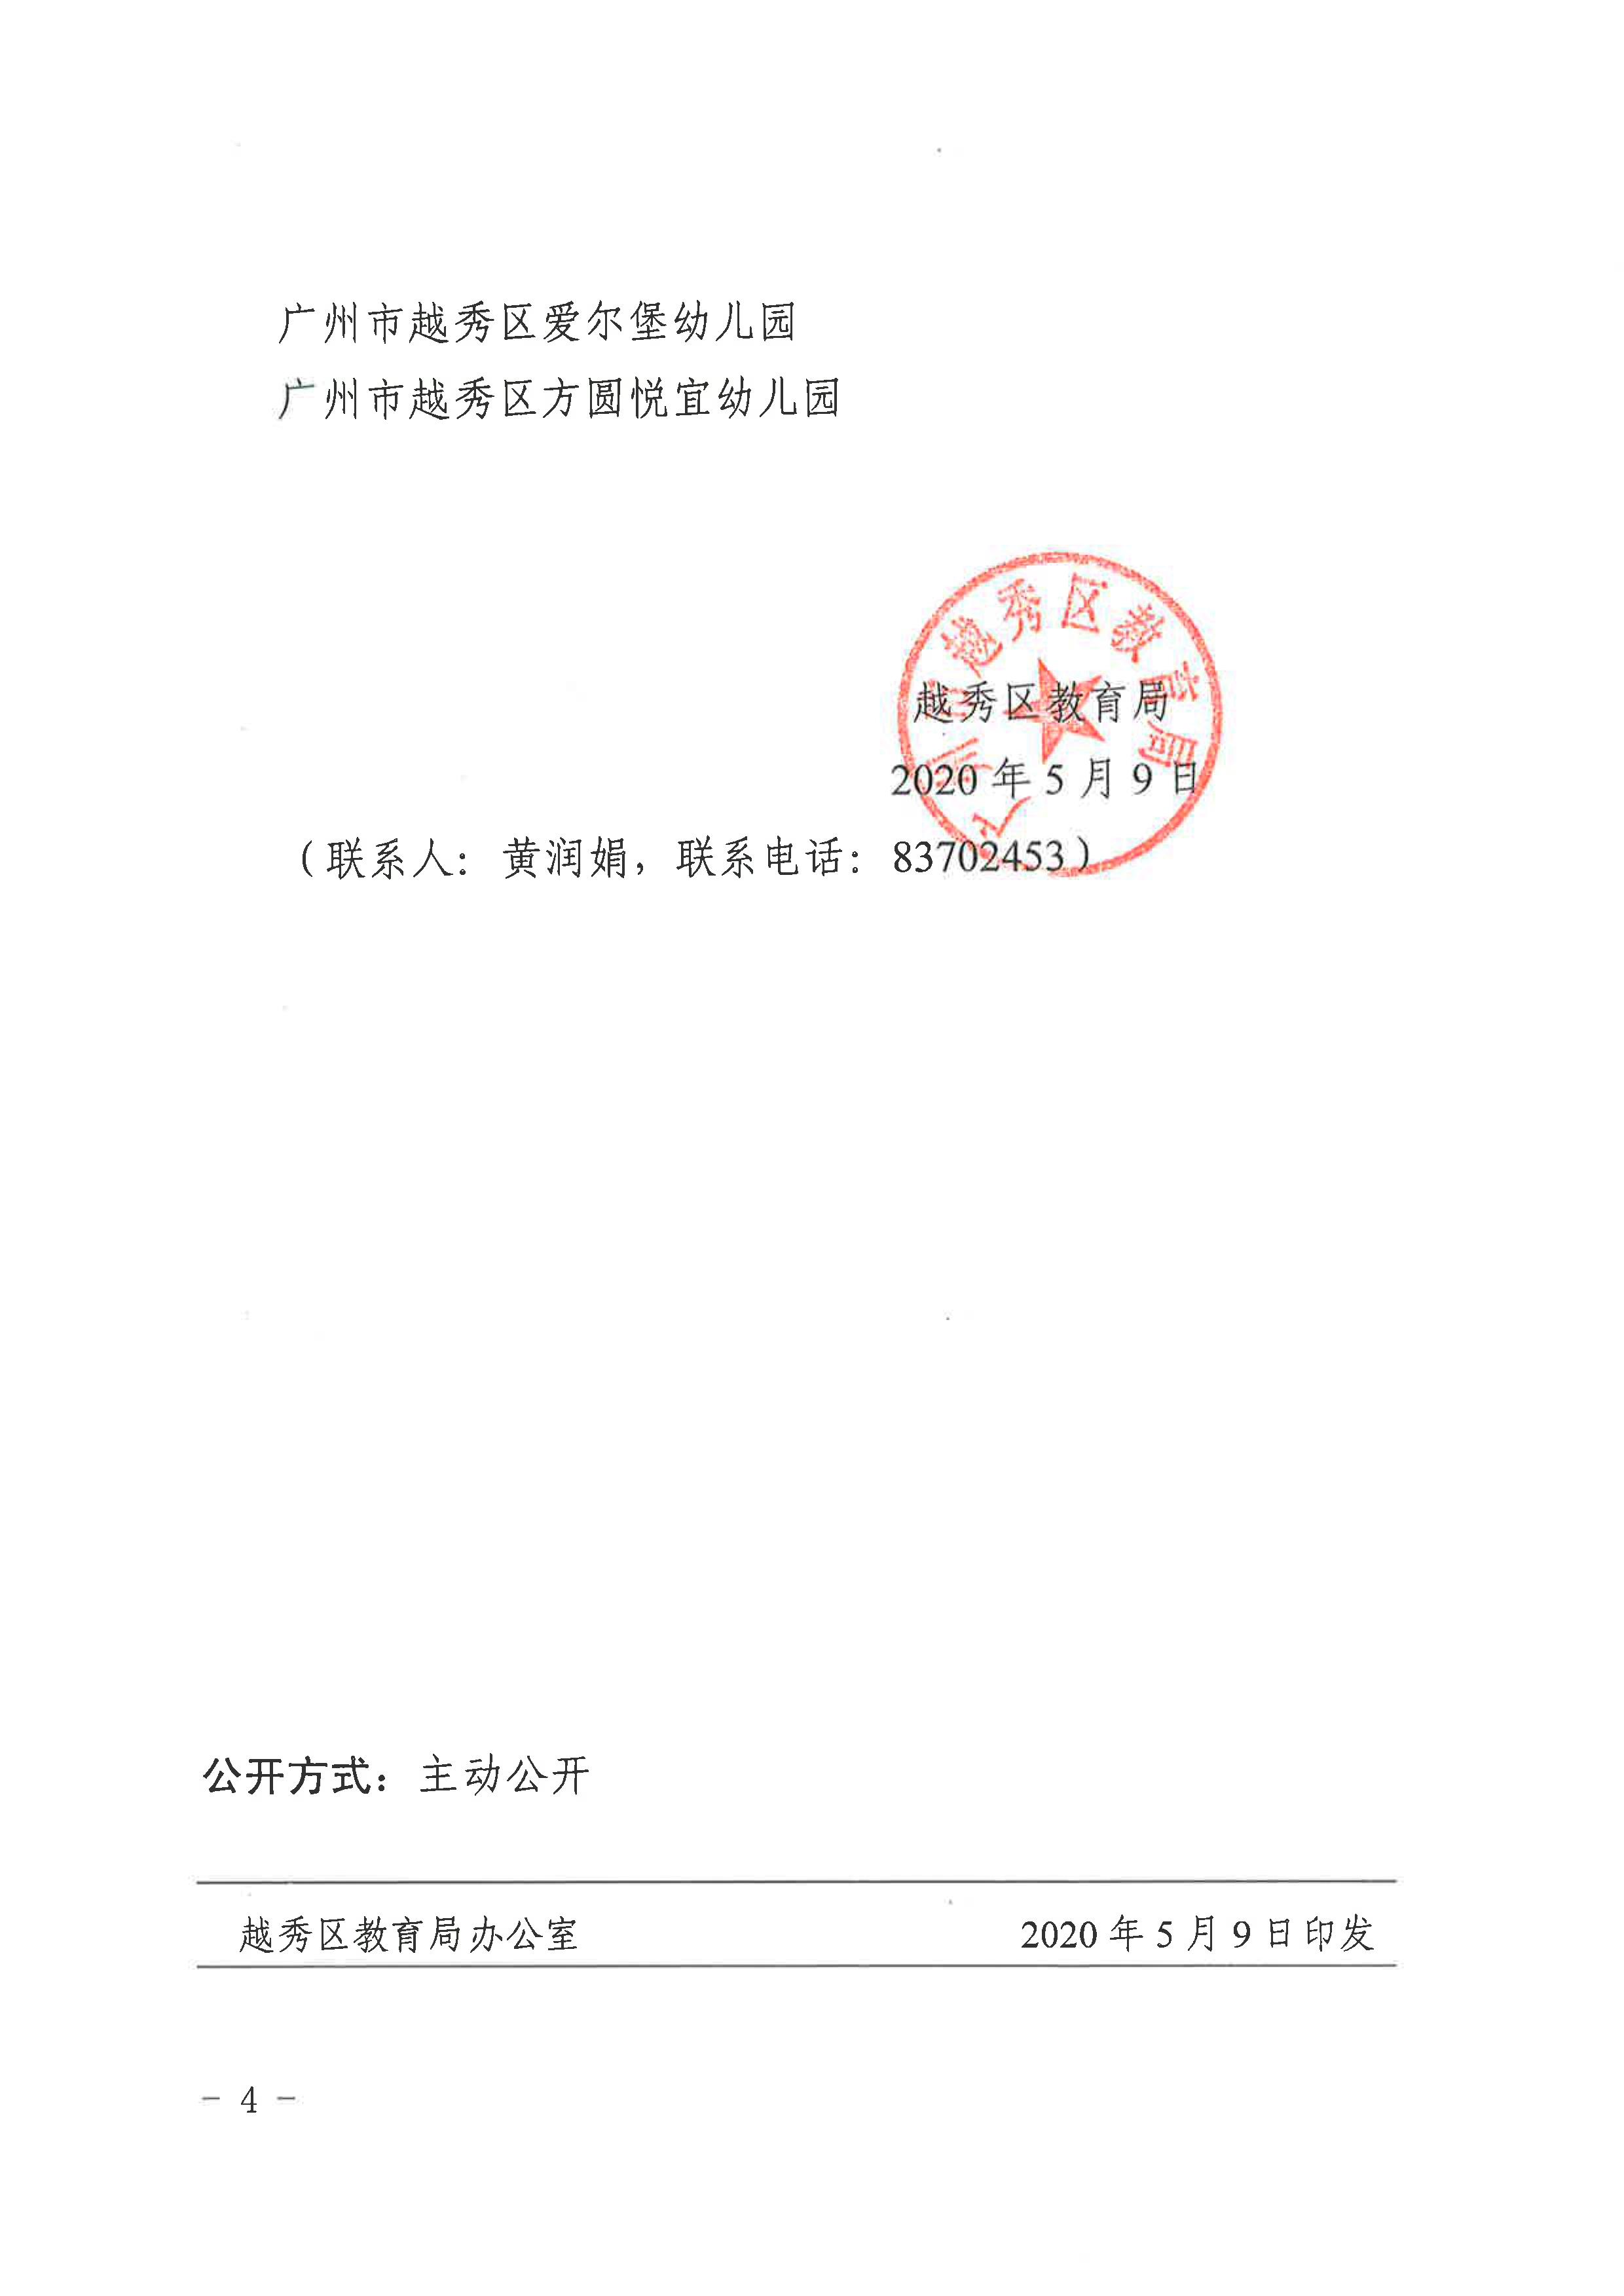 062410381124_0越秀区普惠性民办幼儿园认定名单_4.Jpeg